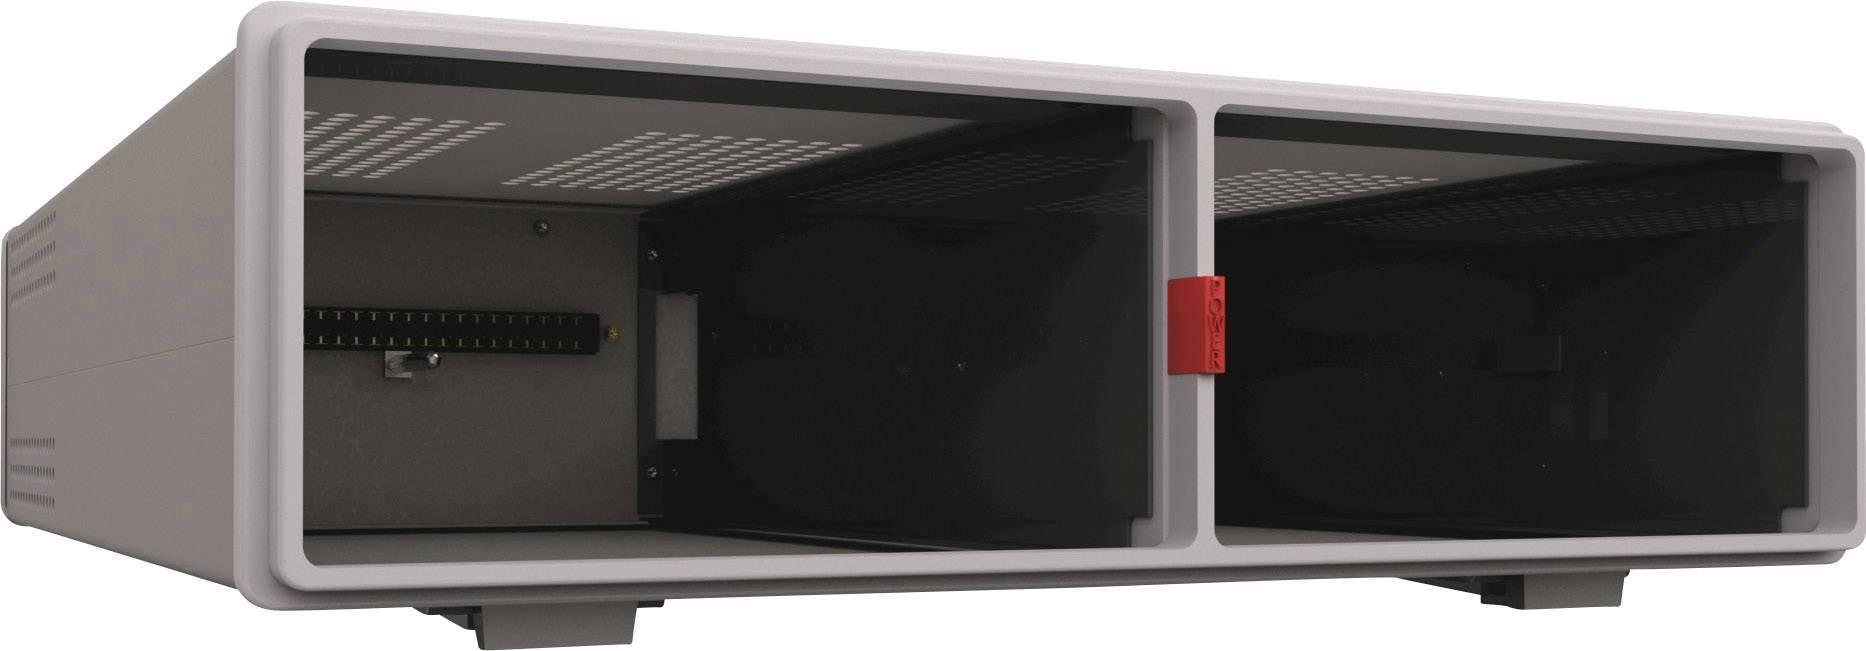 Základní pouzdro Rohde & Schwarz HM 8001-2